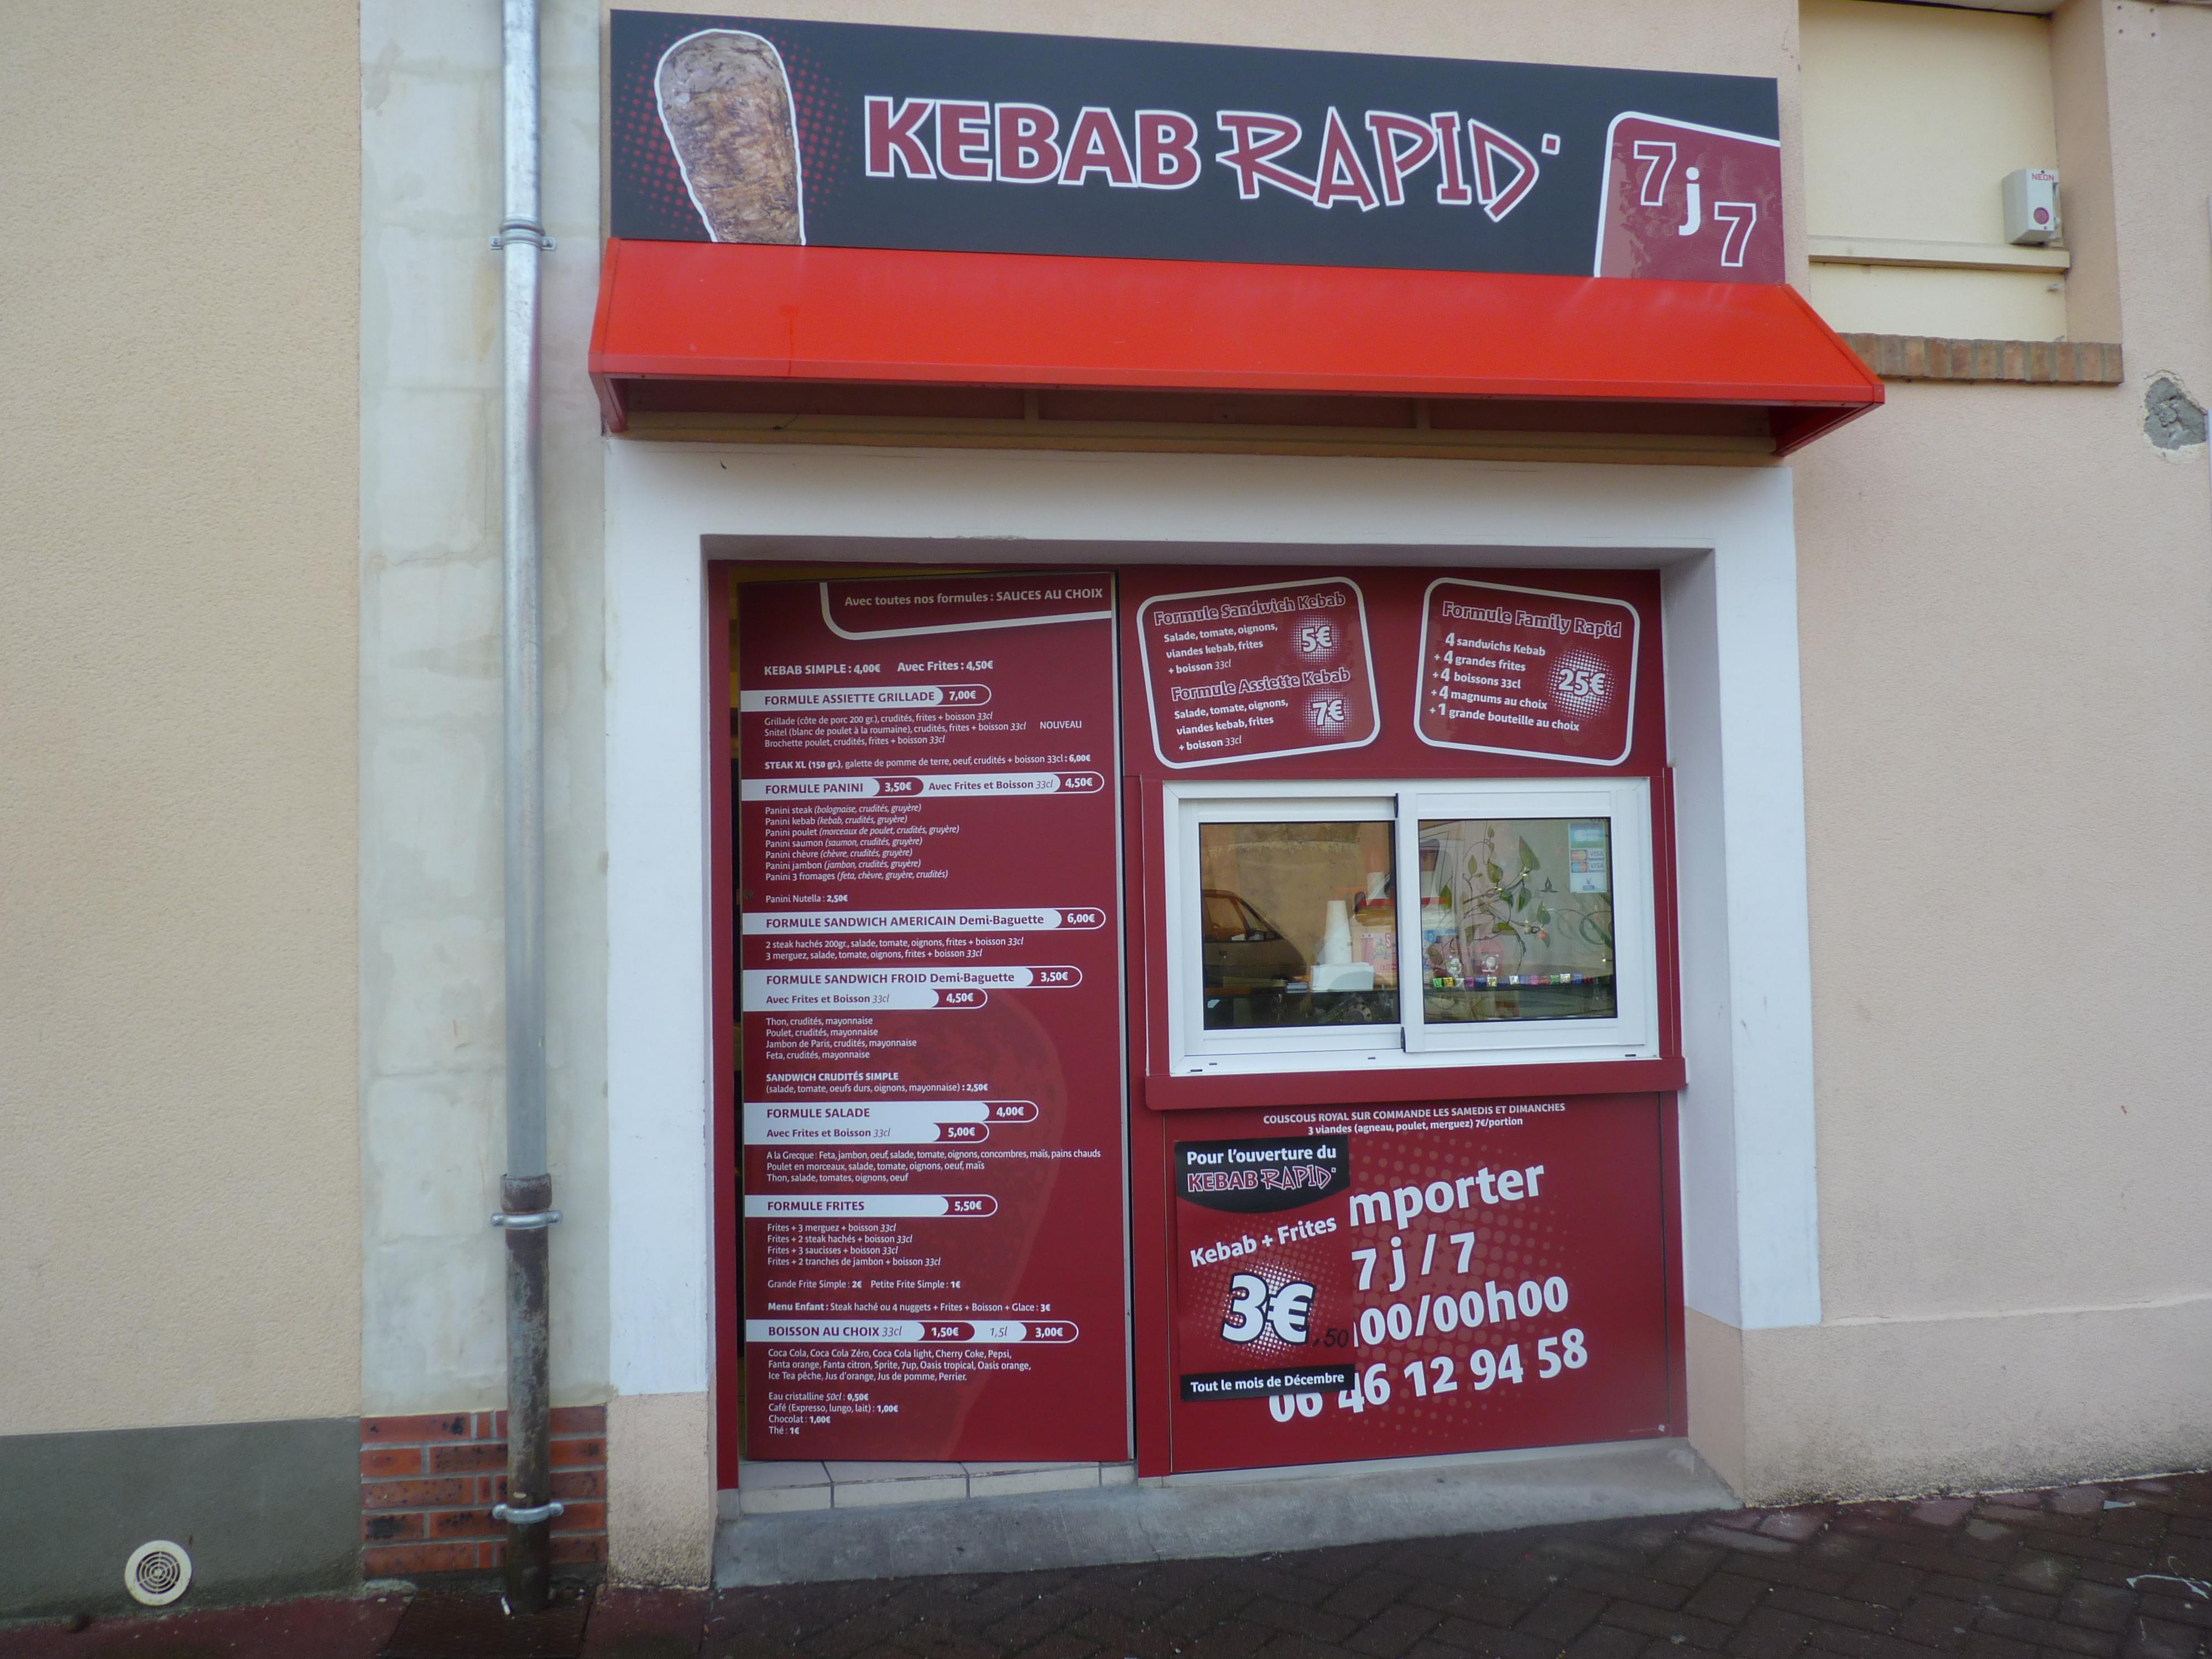 Kebab Rapid